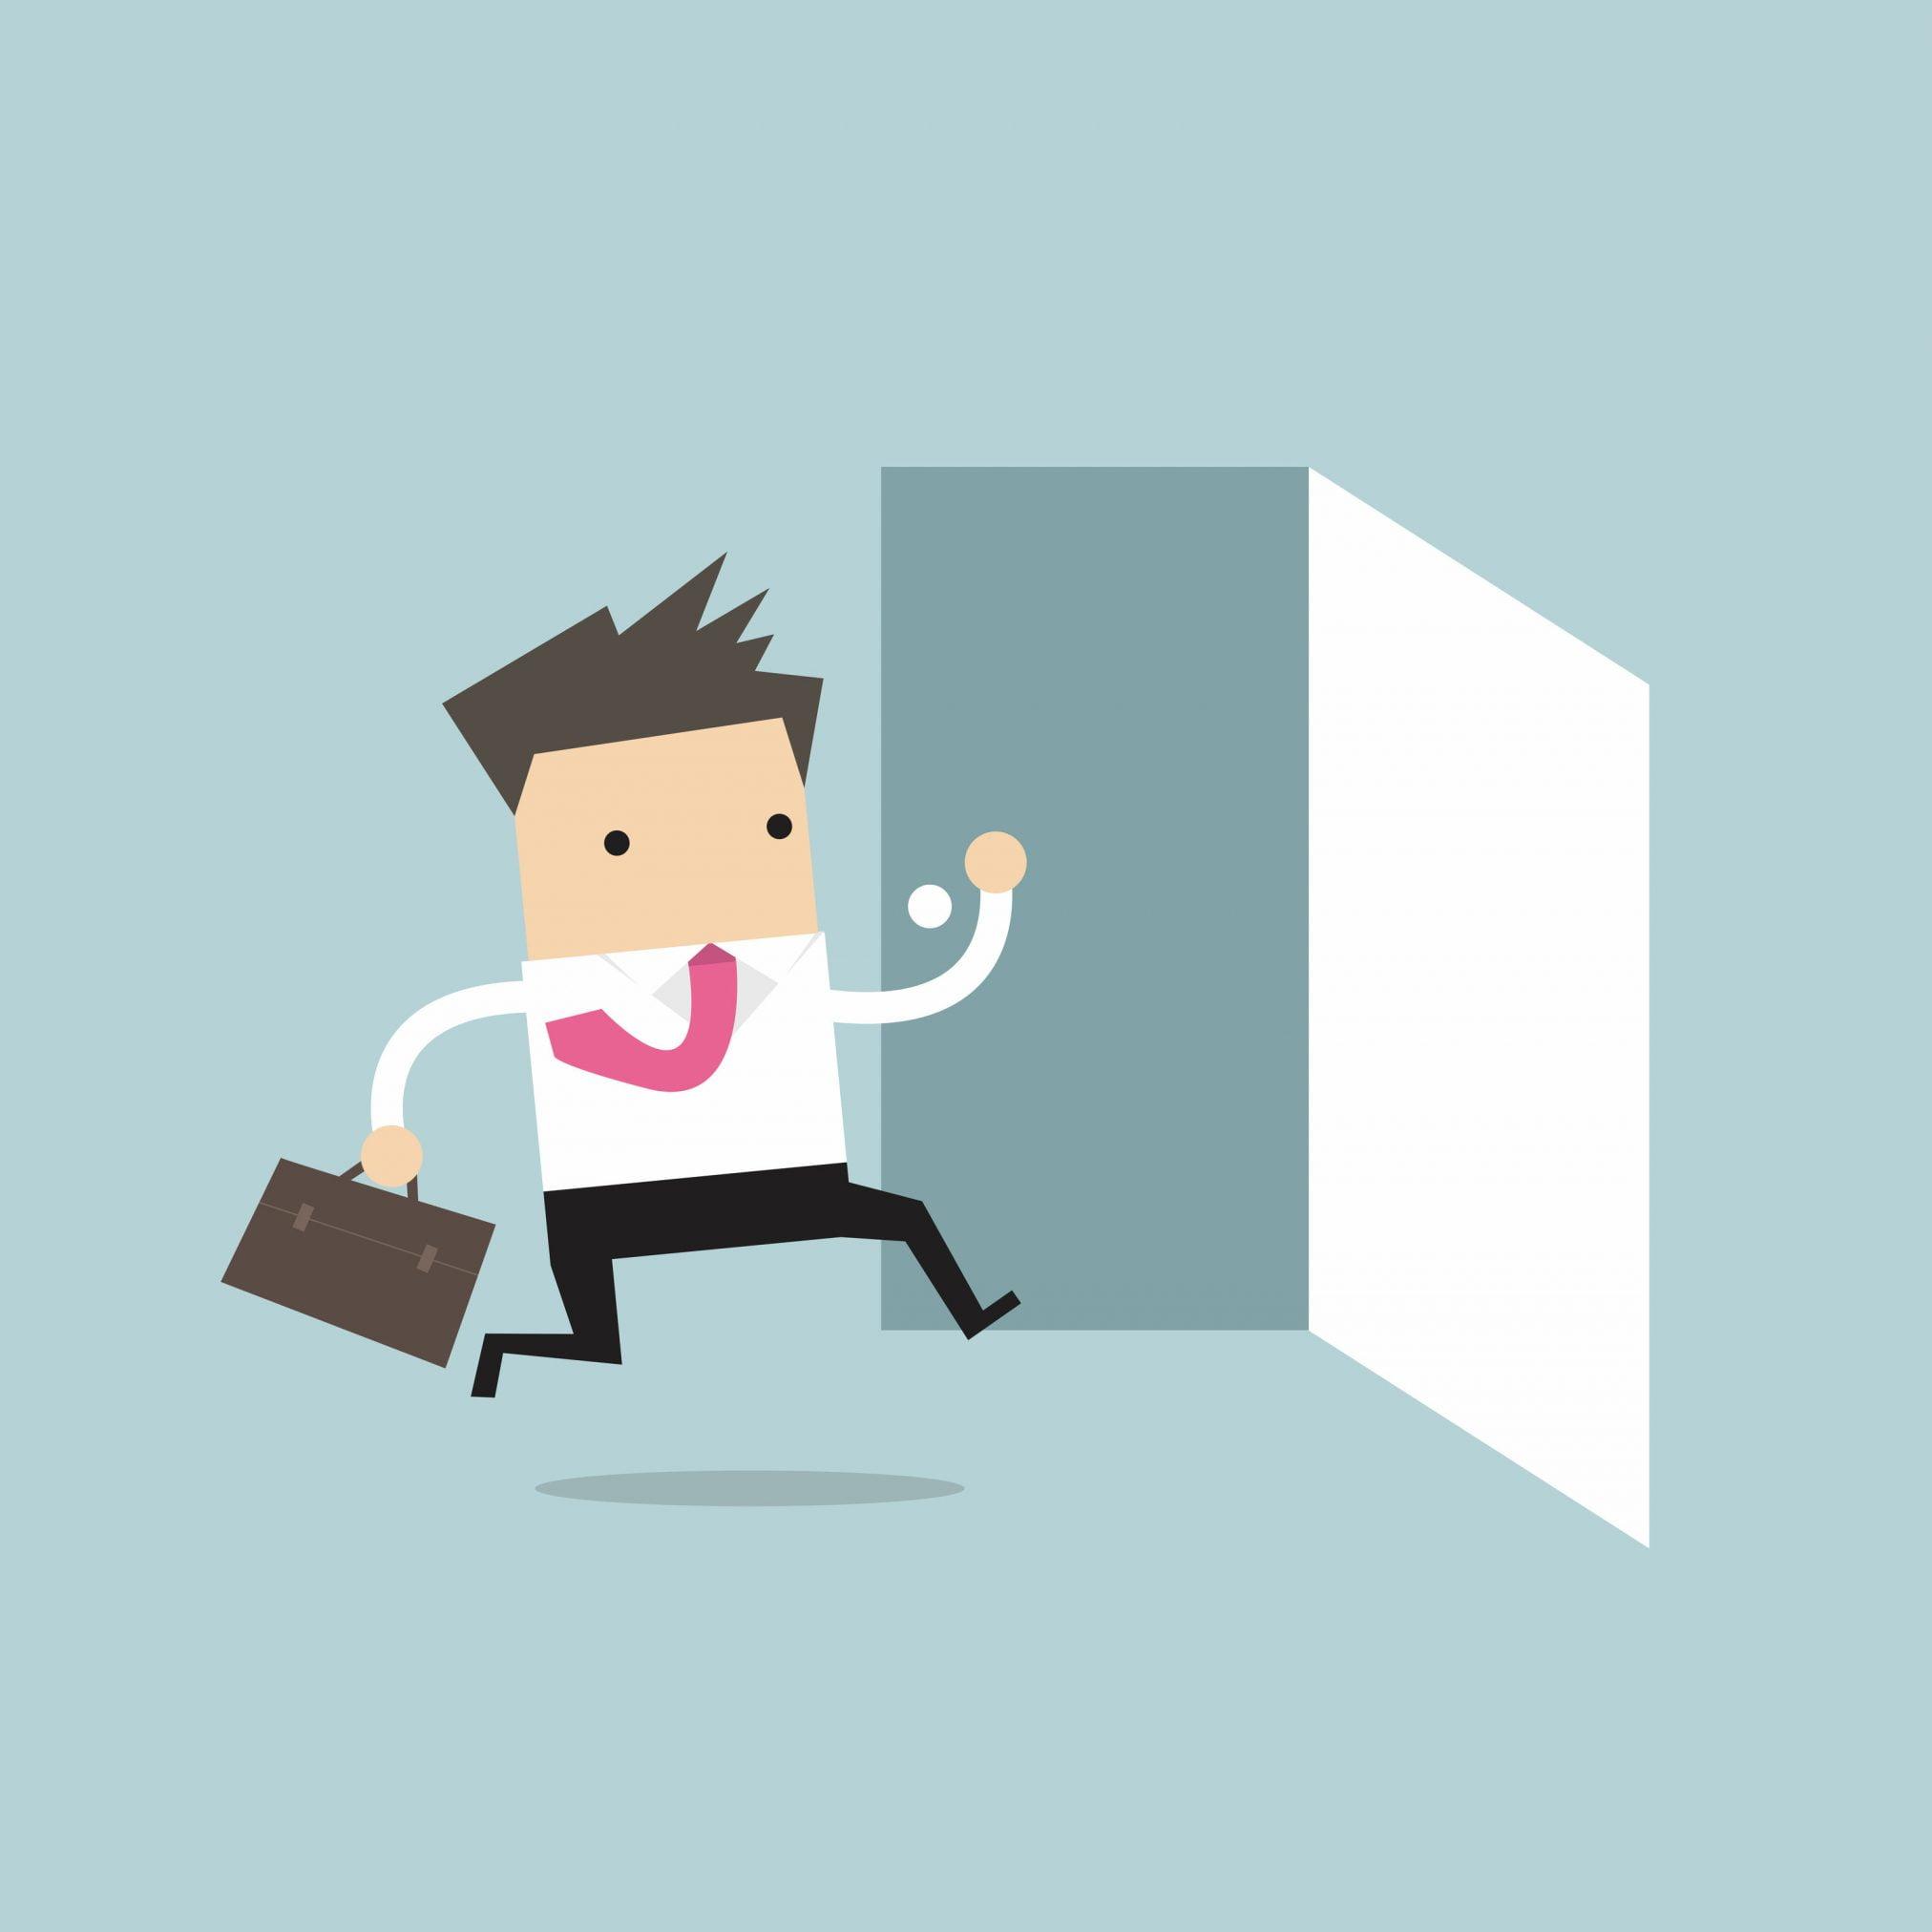 workforce woes ajp